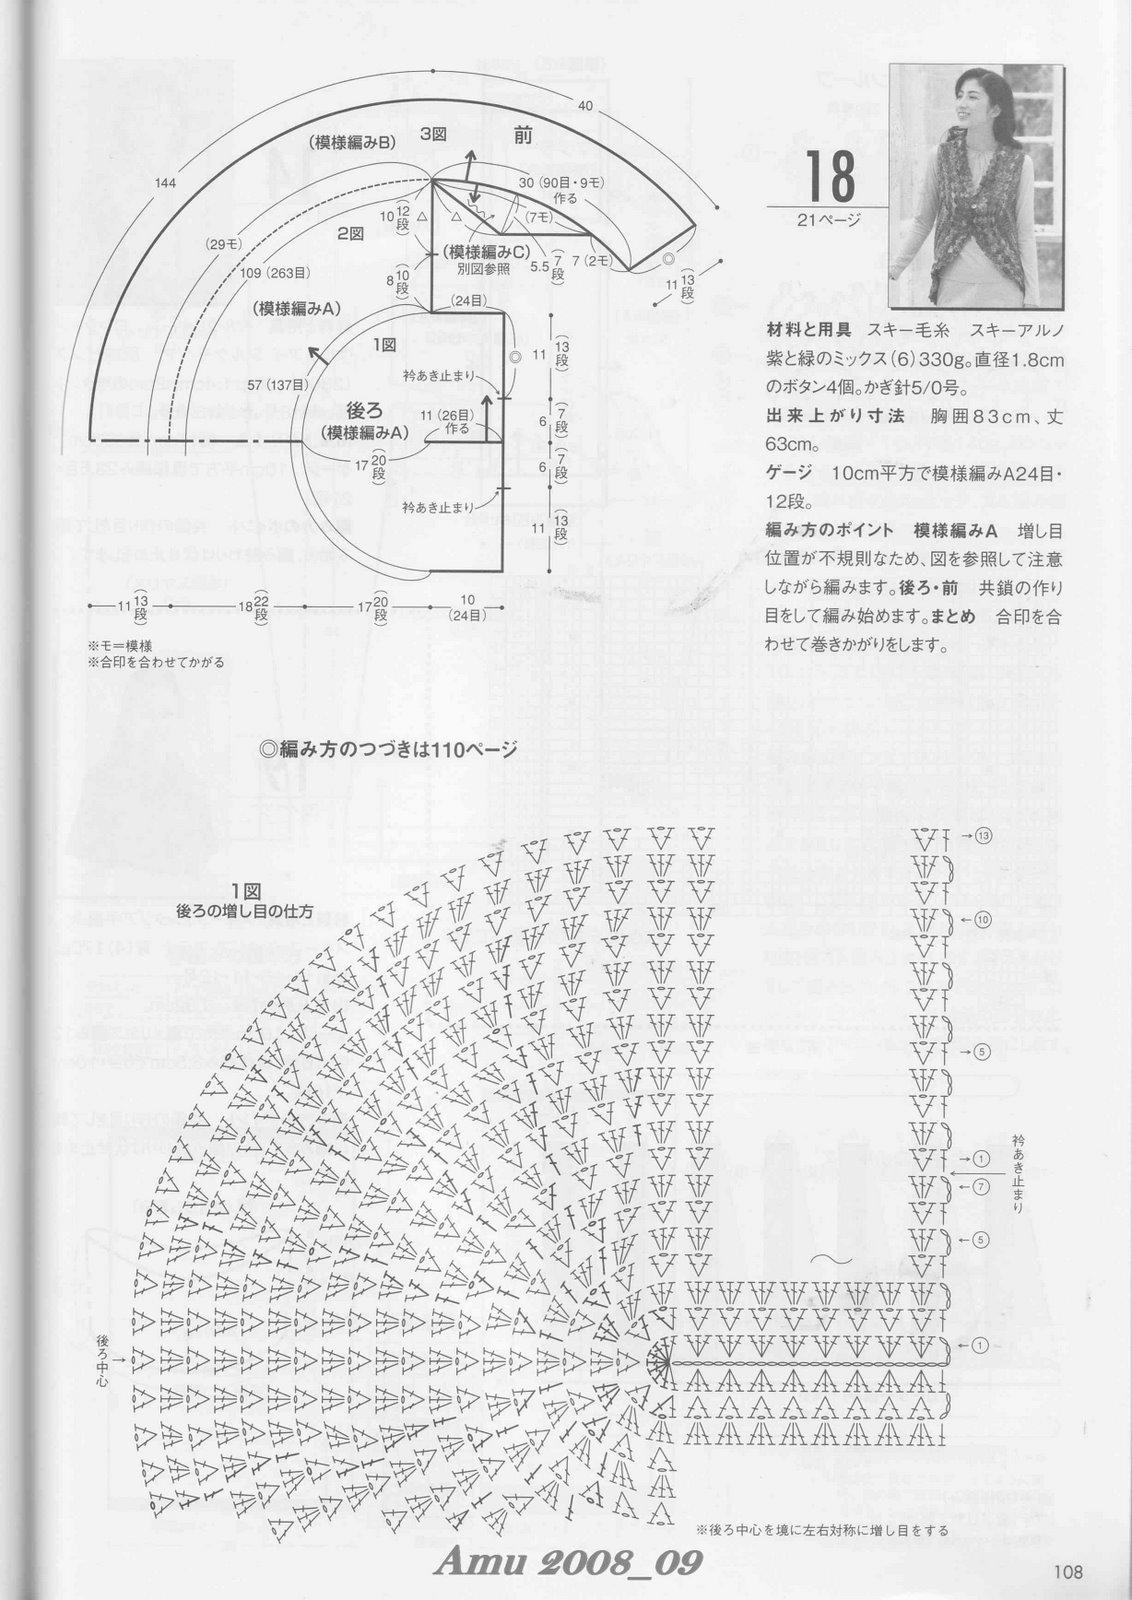 1124_Amu 2008_09_Page_021 (2)